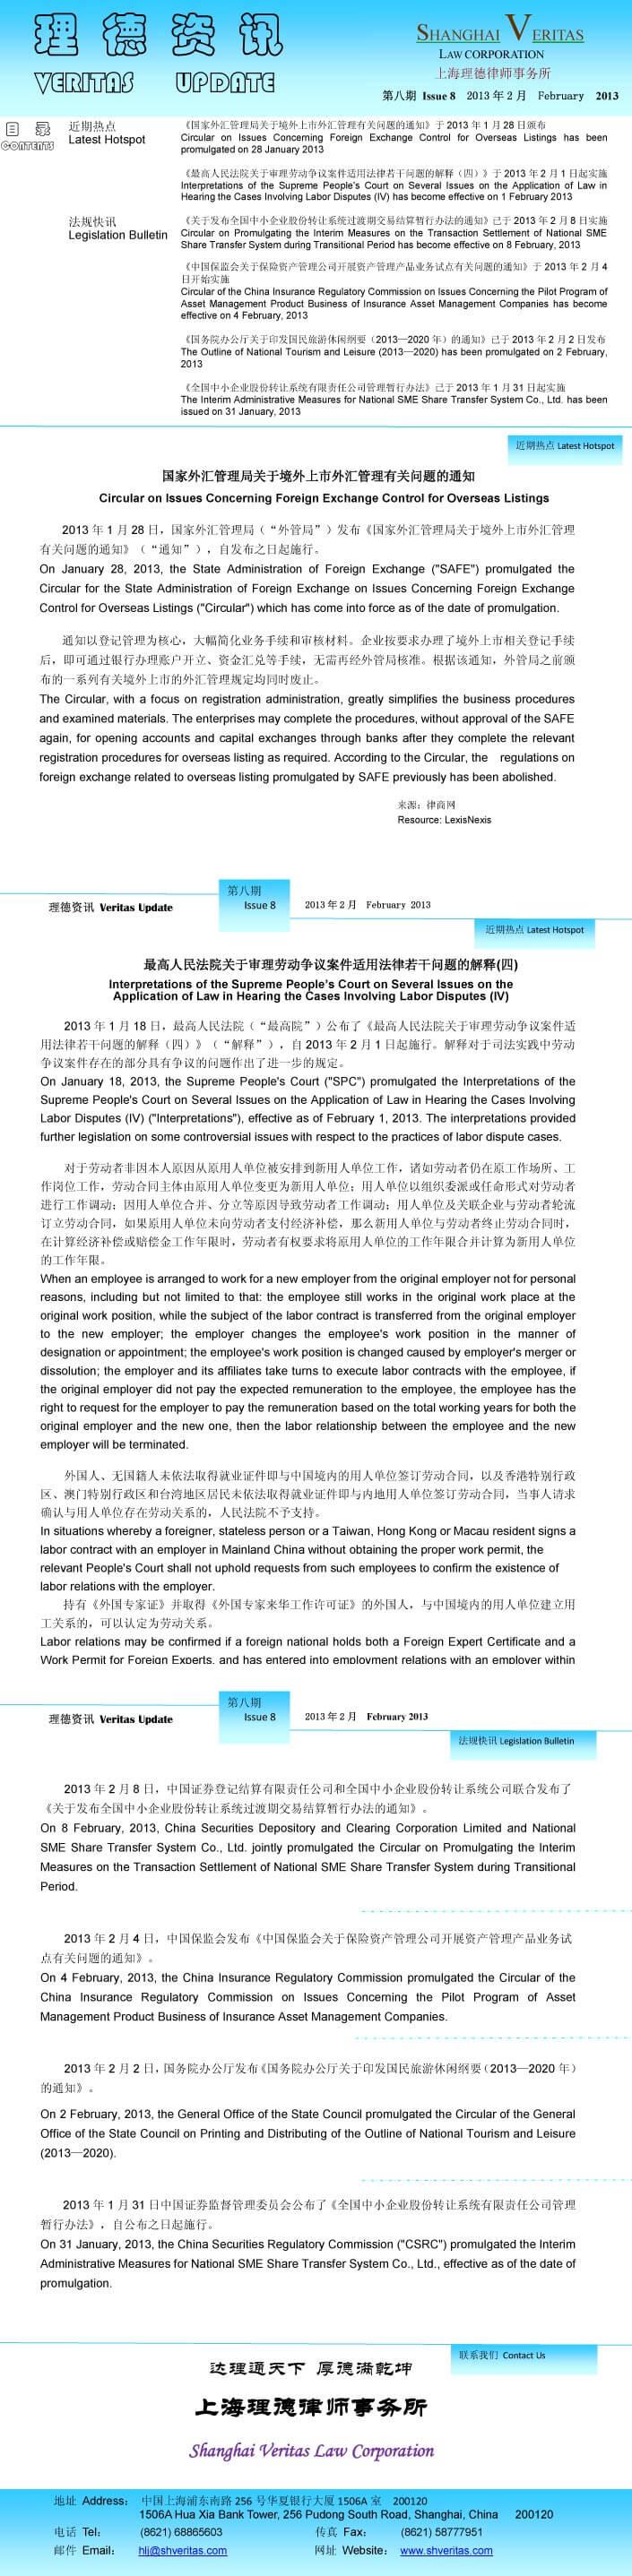 第八期-2013年02月理德资讯